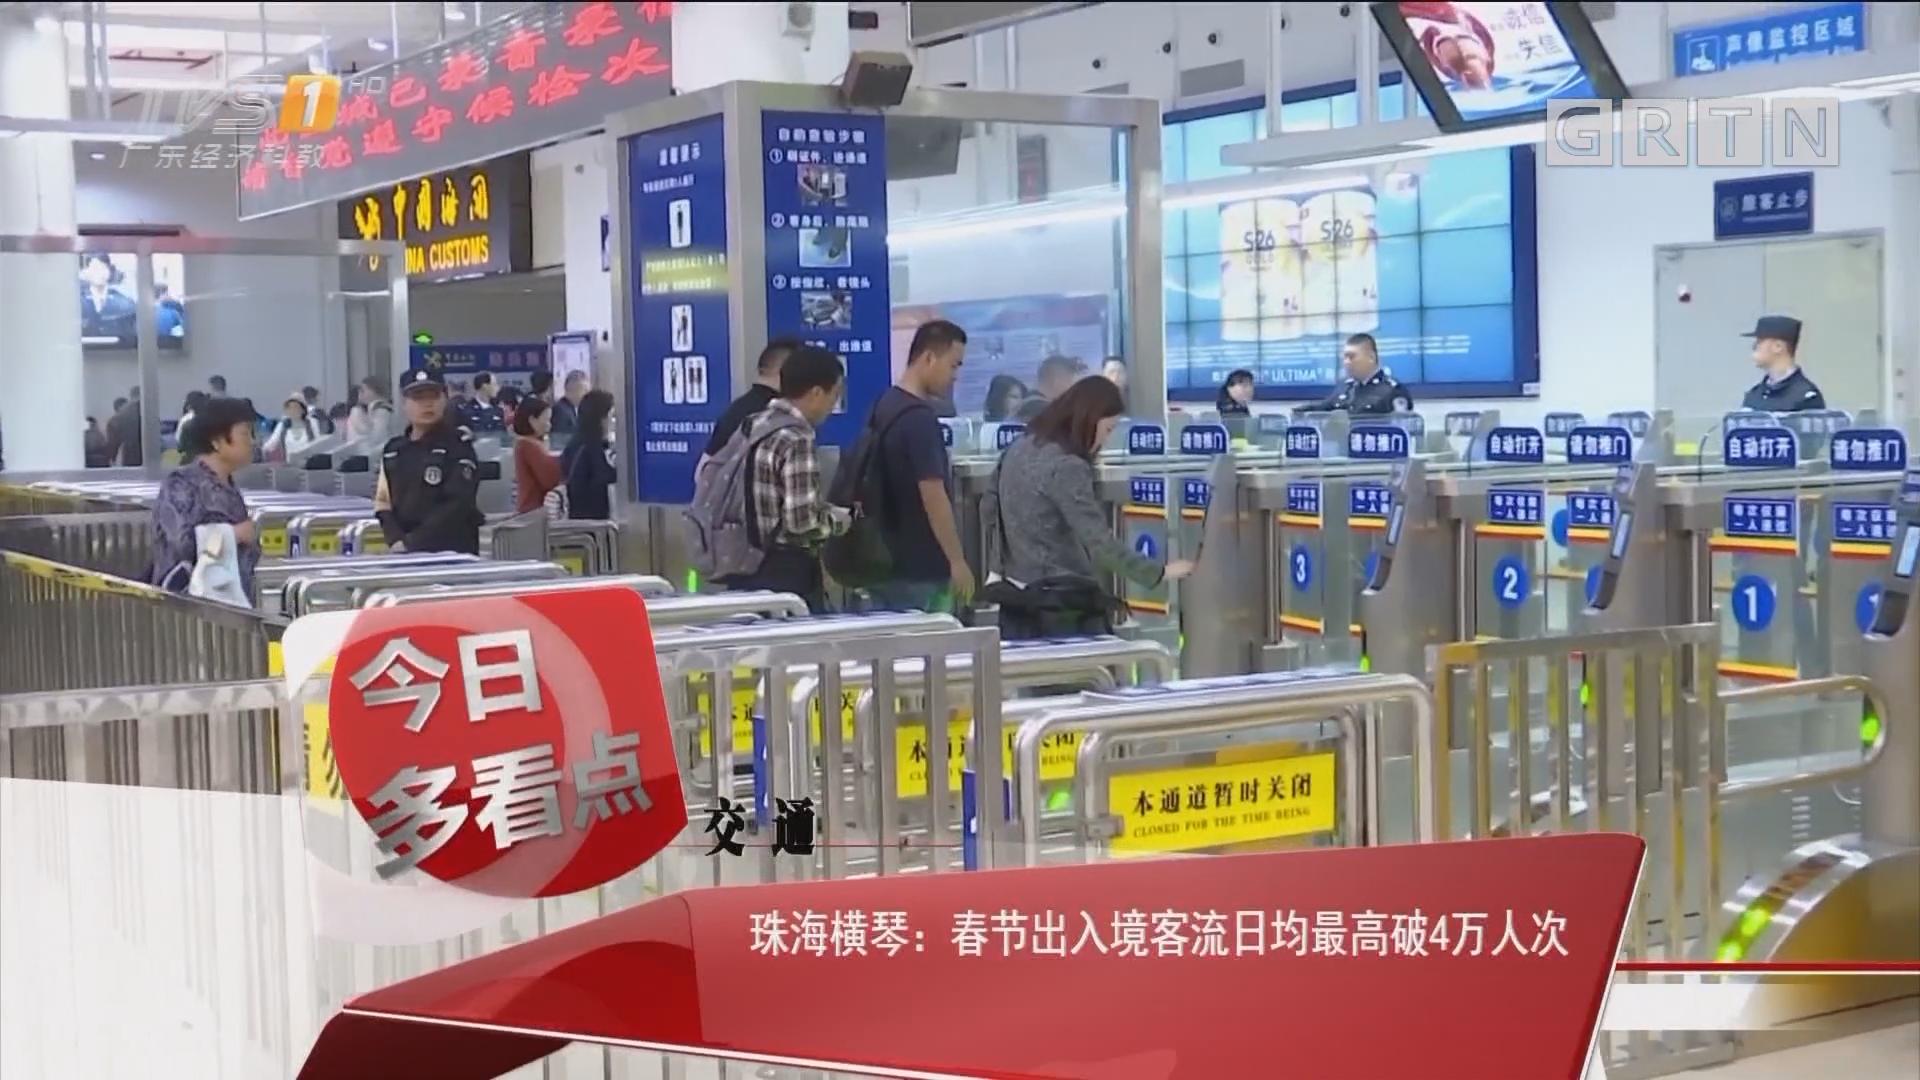 交通 珠海横琴:春节出入境客流日均最高破4万人次